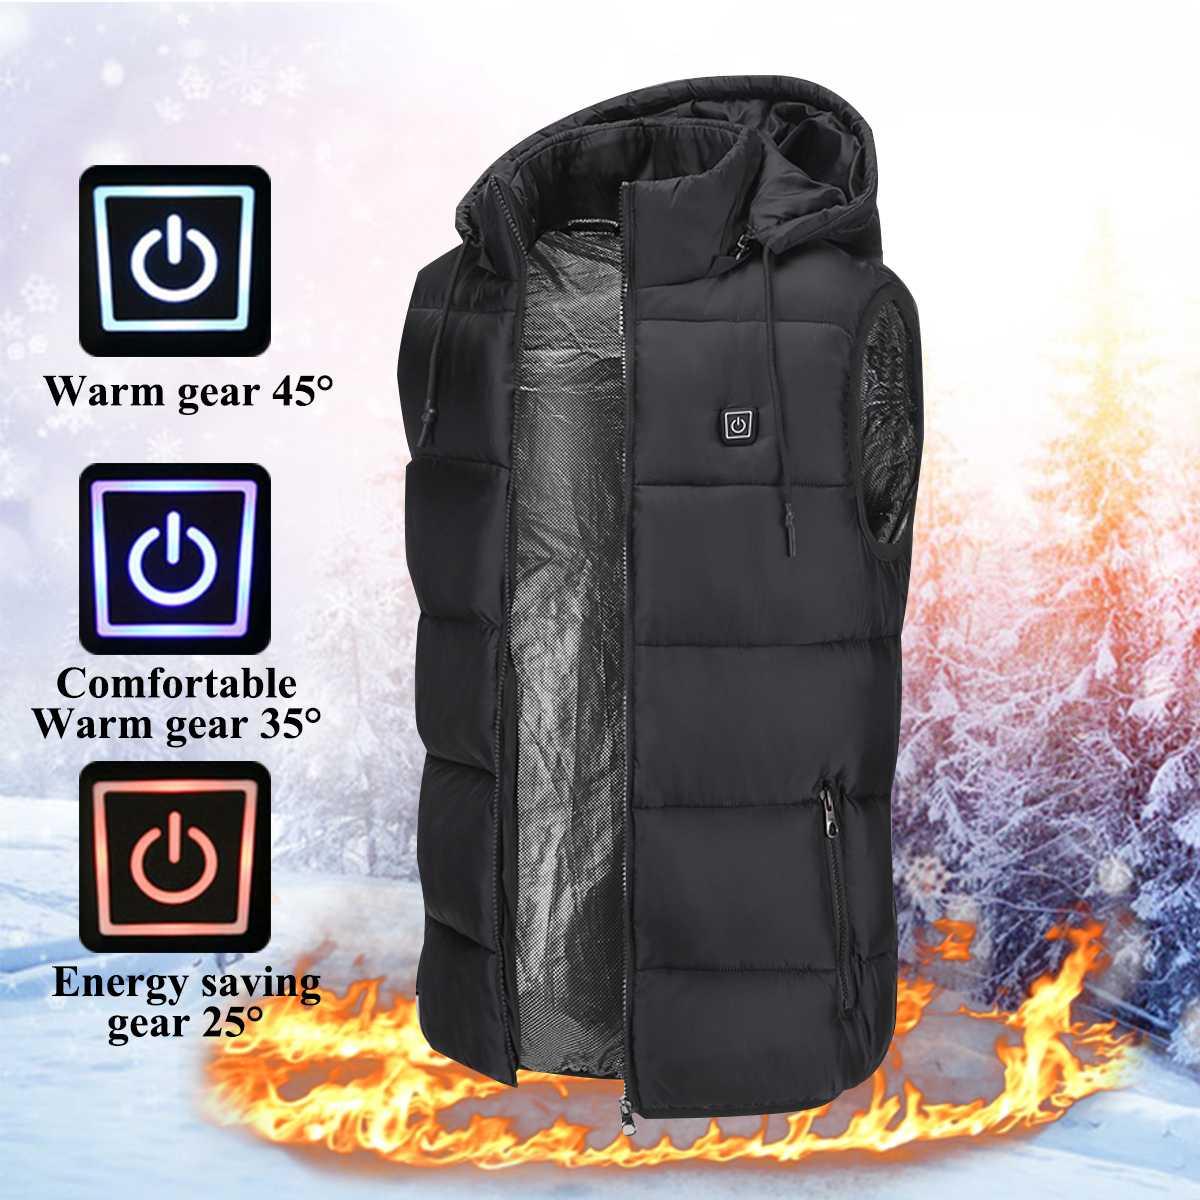 Unisex Thermische 2018 Heizung Elektrische Beheizte Weste Neue Farben 5 V USB Winter Warm Mit Kapuze Jacke Hut Kleidung Temp Control weste